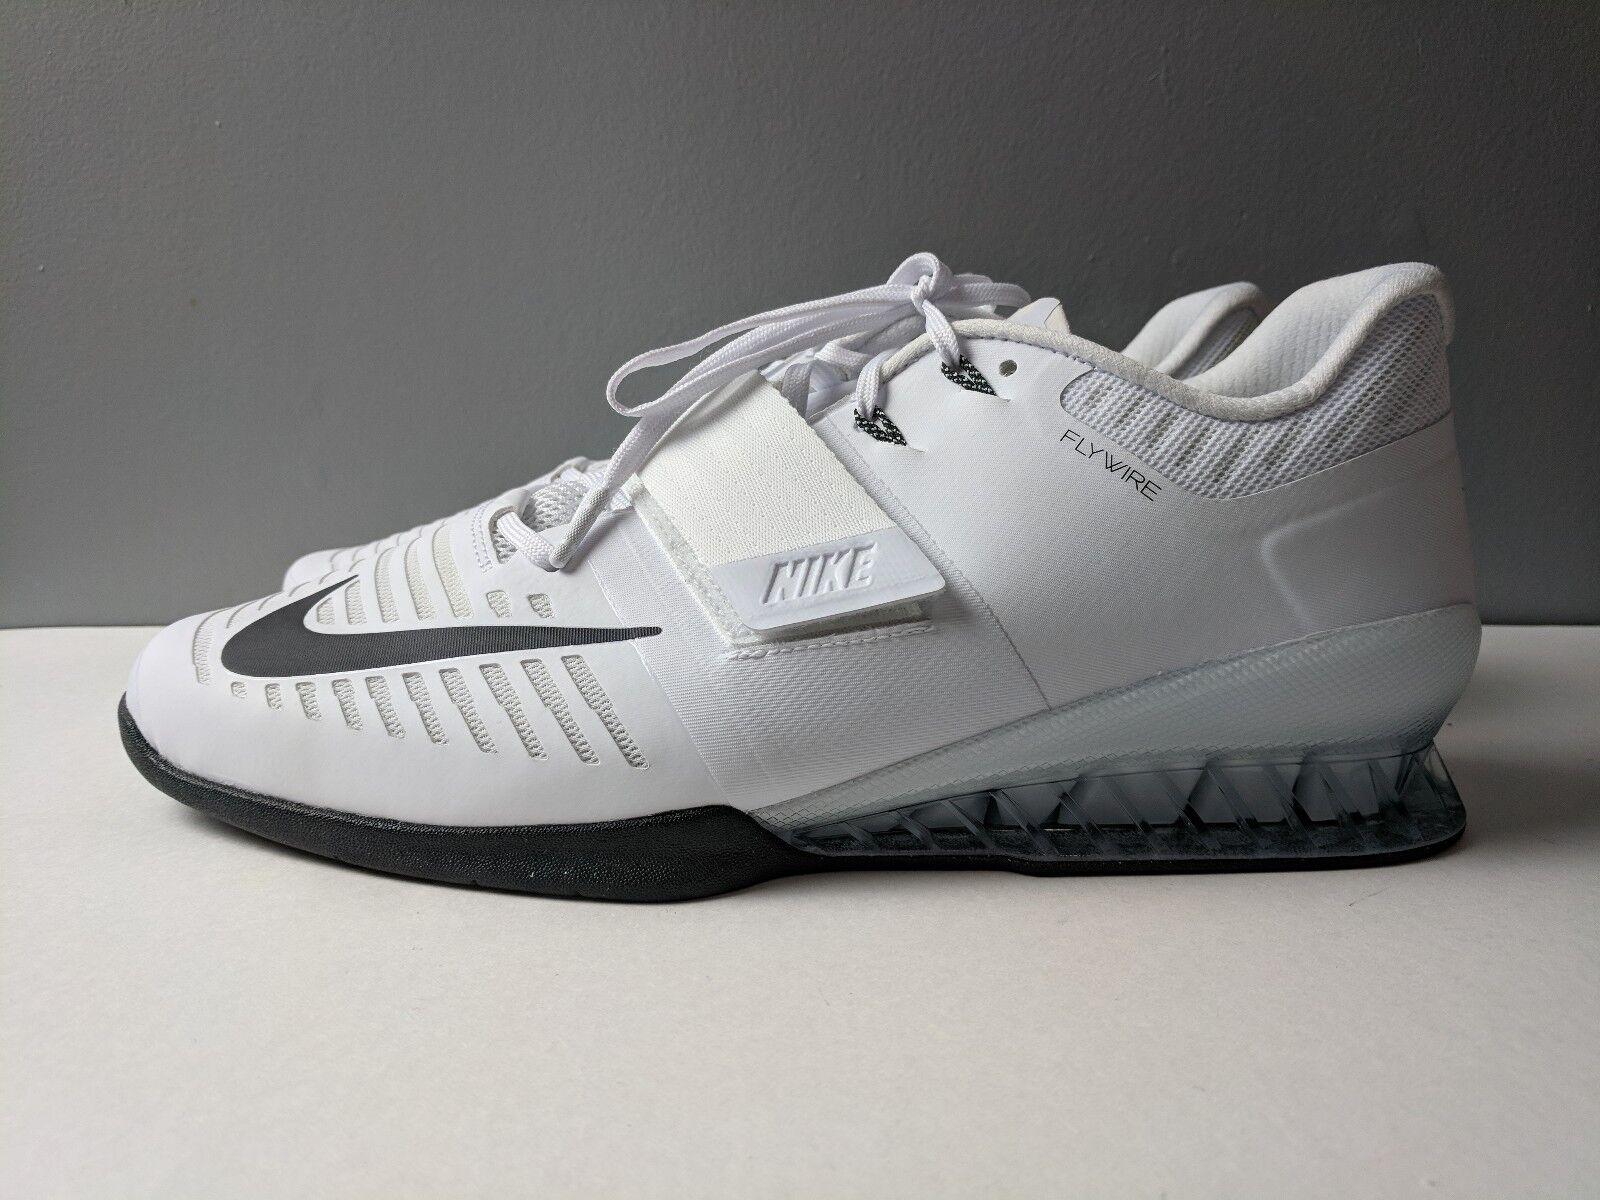 Nike hombre blanco romaleos 3 halterofilia zapatos blanco hombre negro comodo bff341